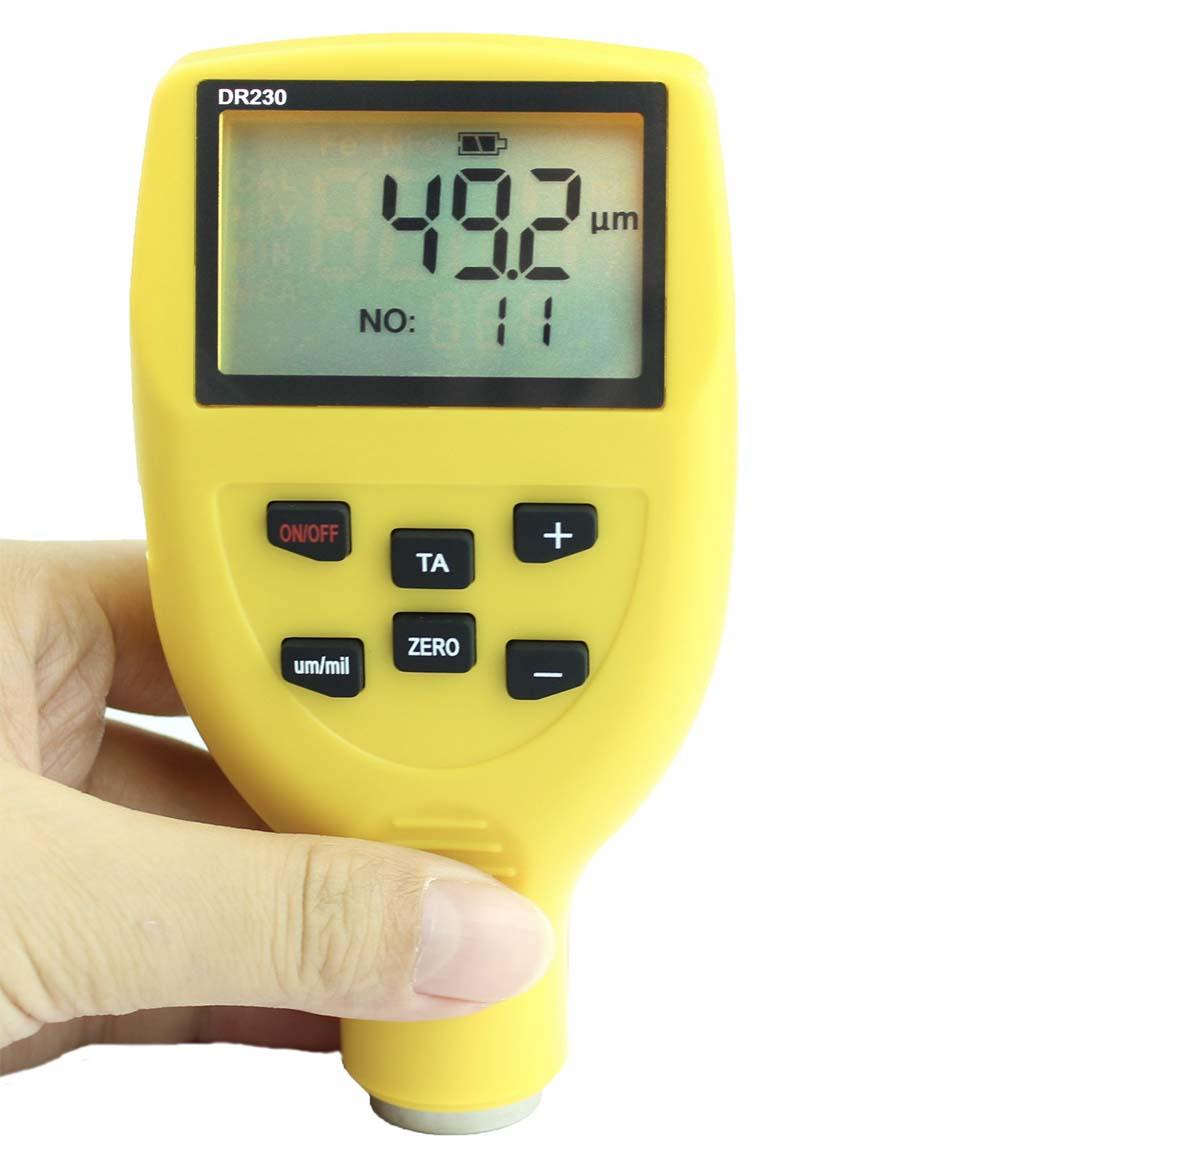 DR230两用涂层测厚仪(两用型)